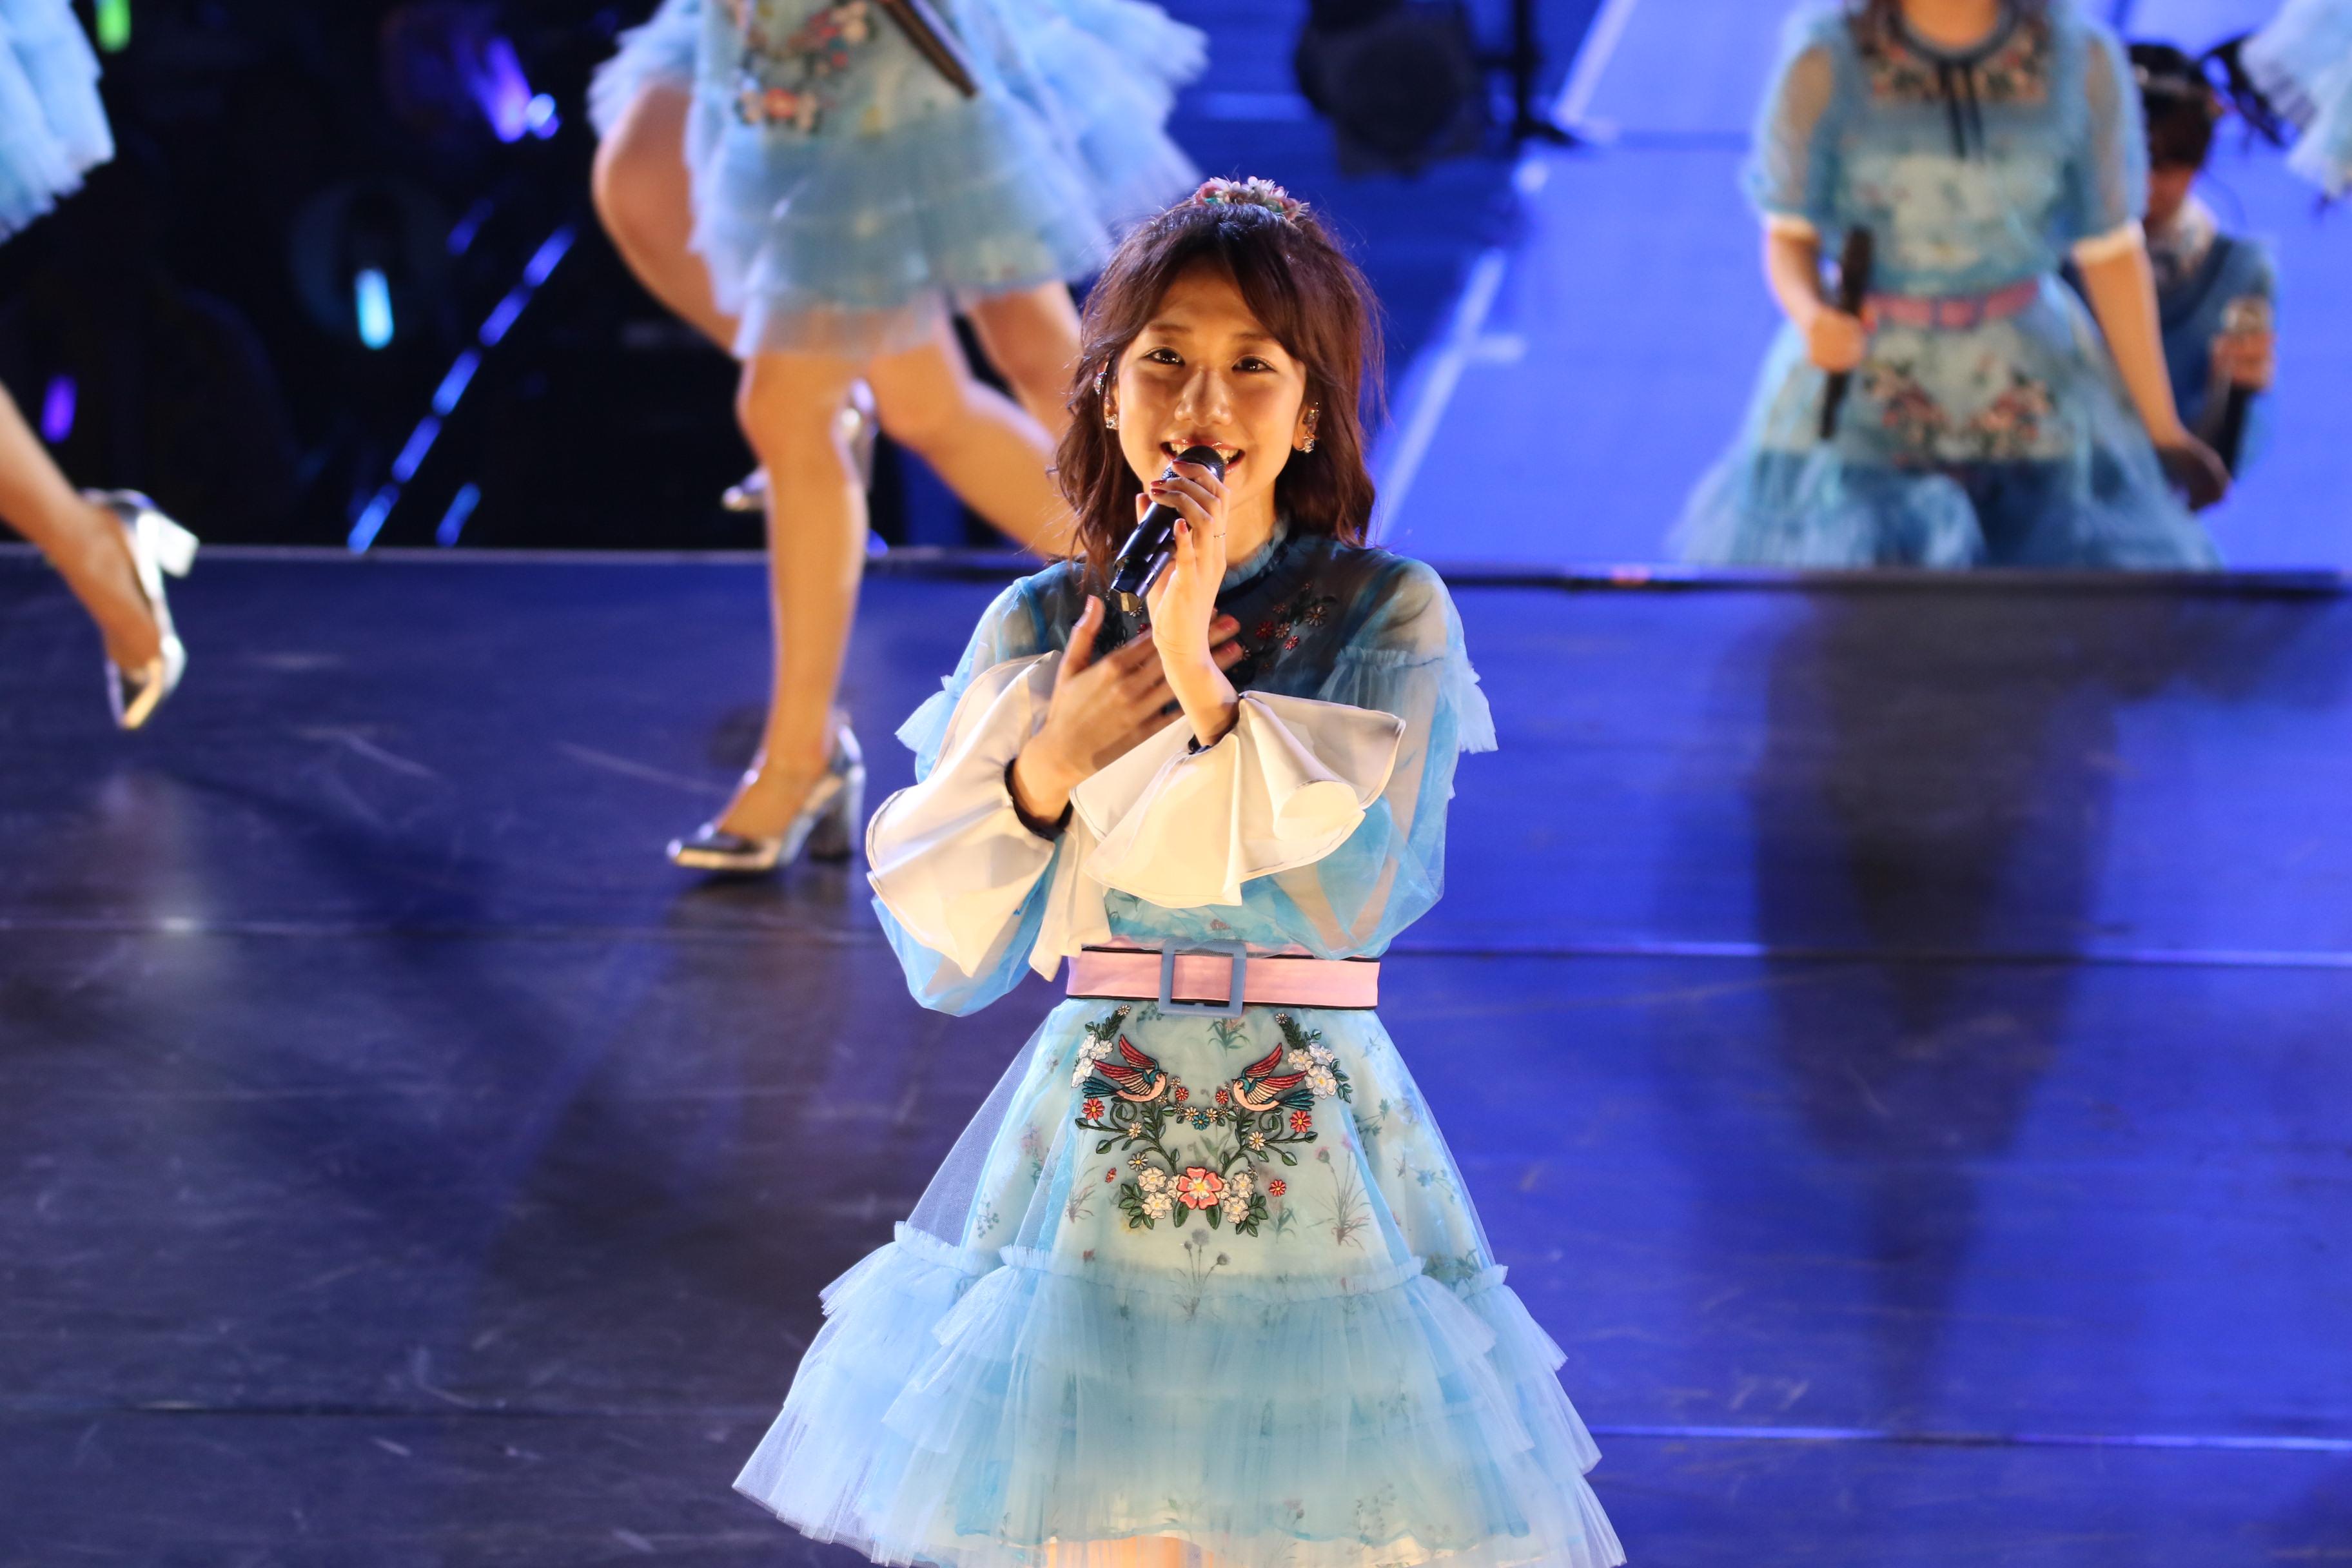 AKB48単独コンサートでの柏木由紀(2018年4月)